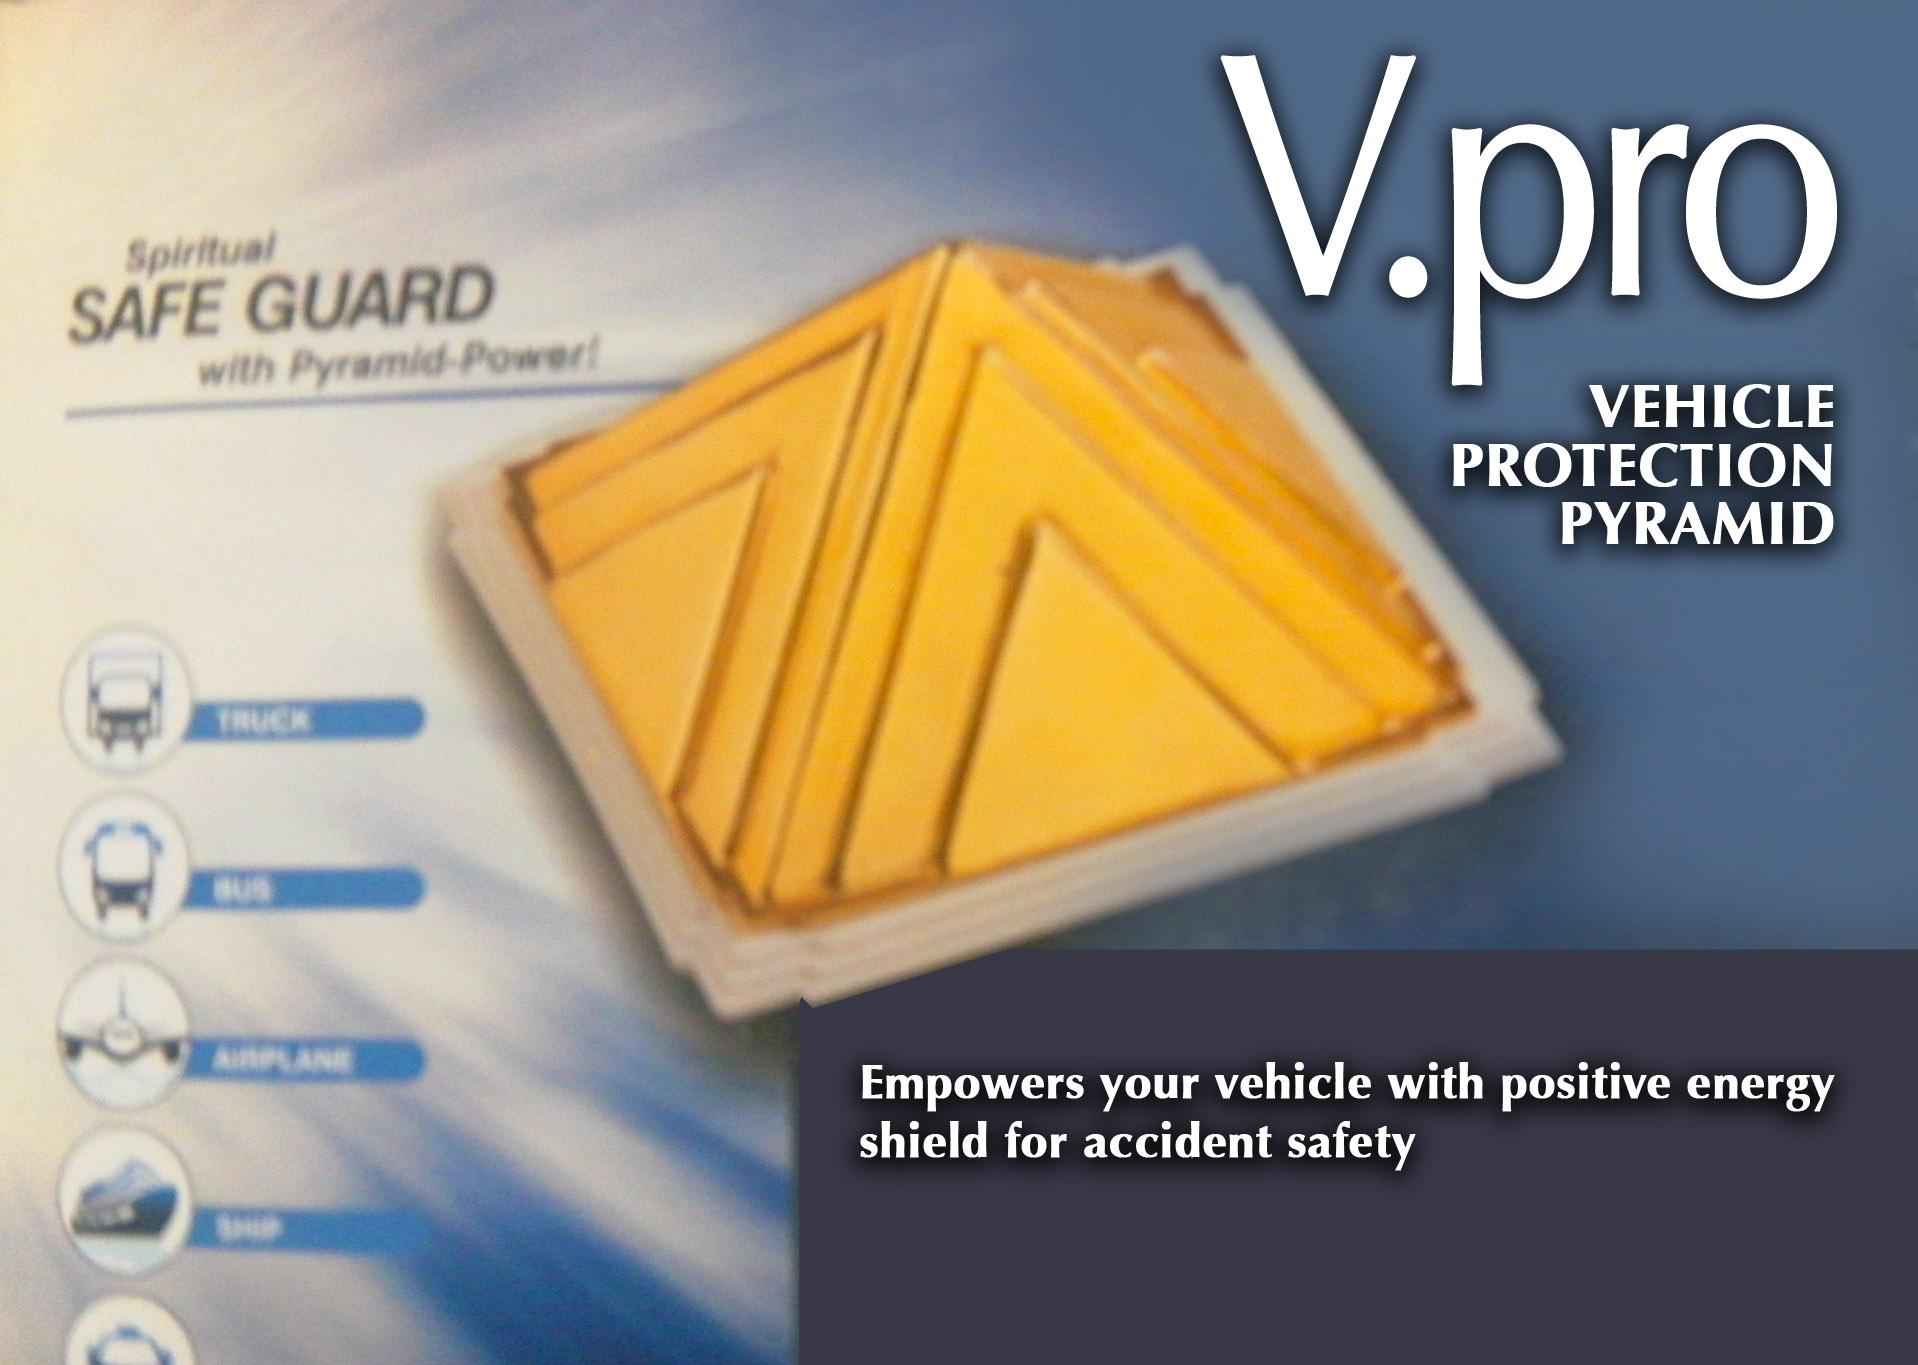 vpro-vehicle-pro-54bda38ef3450_2048x2048